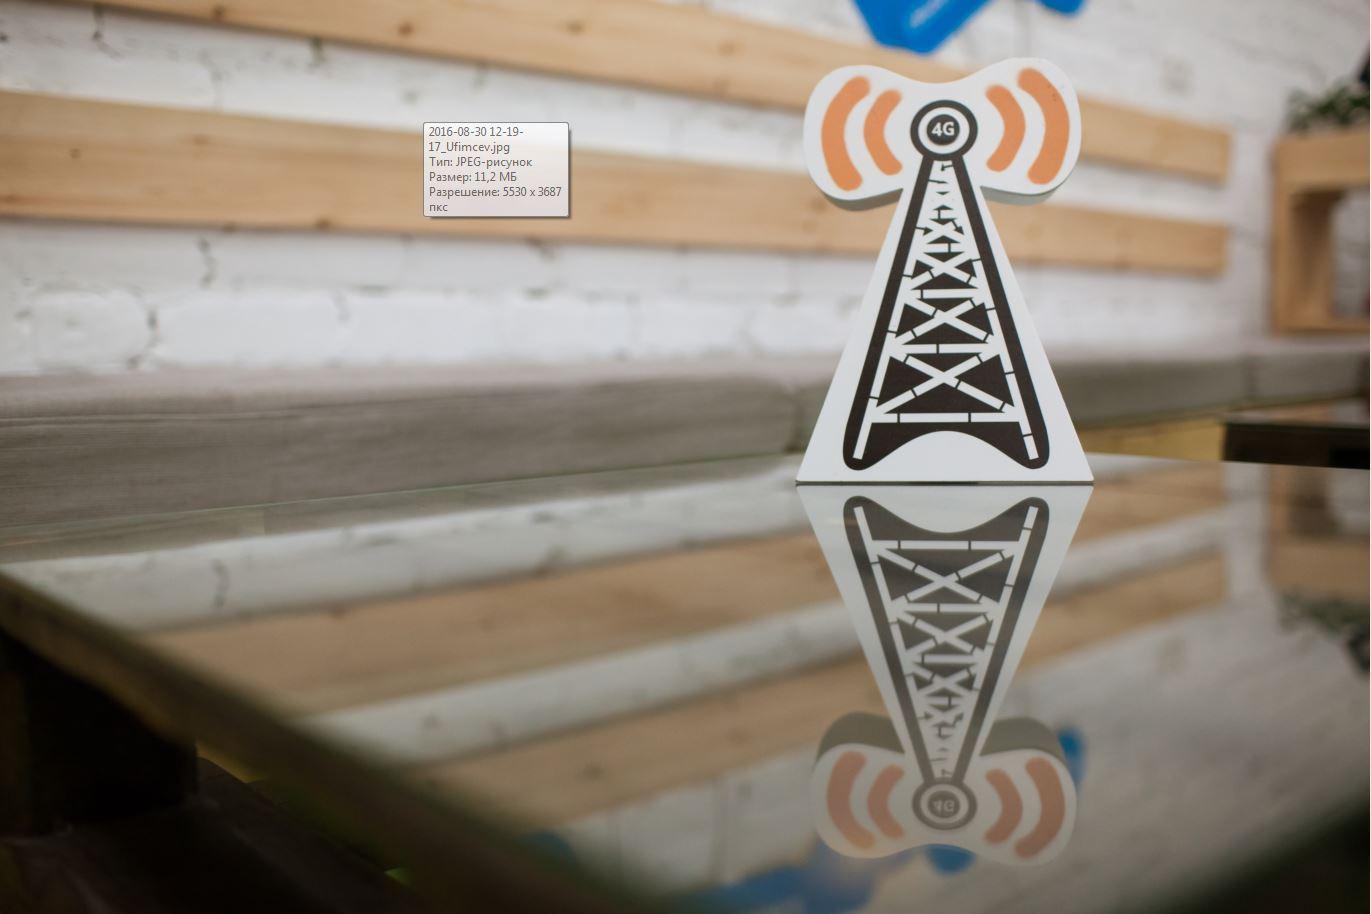 В салонах связи оператора и в интернет-магазине Tele2 абоненты могут приобрести брендированные USB-модемы и WI-FI-роутеры с поддержкой 4G.